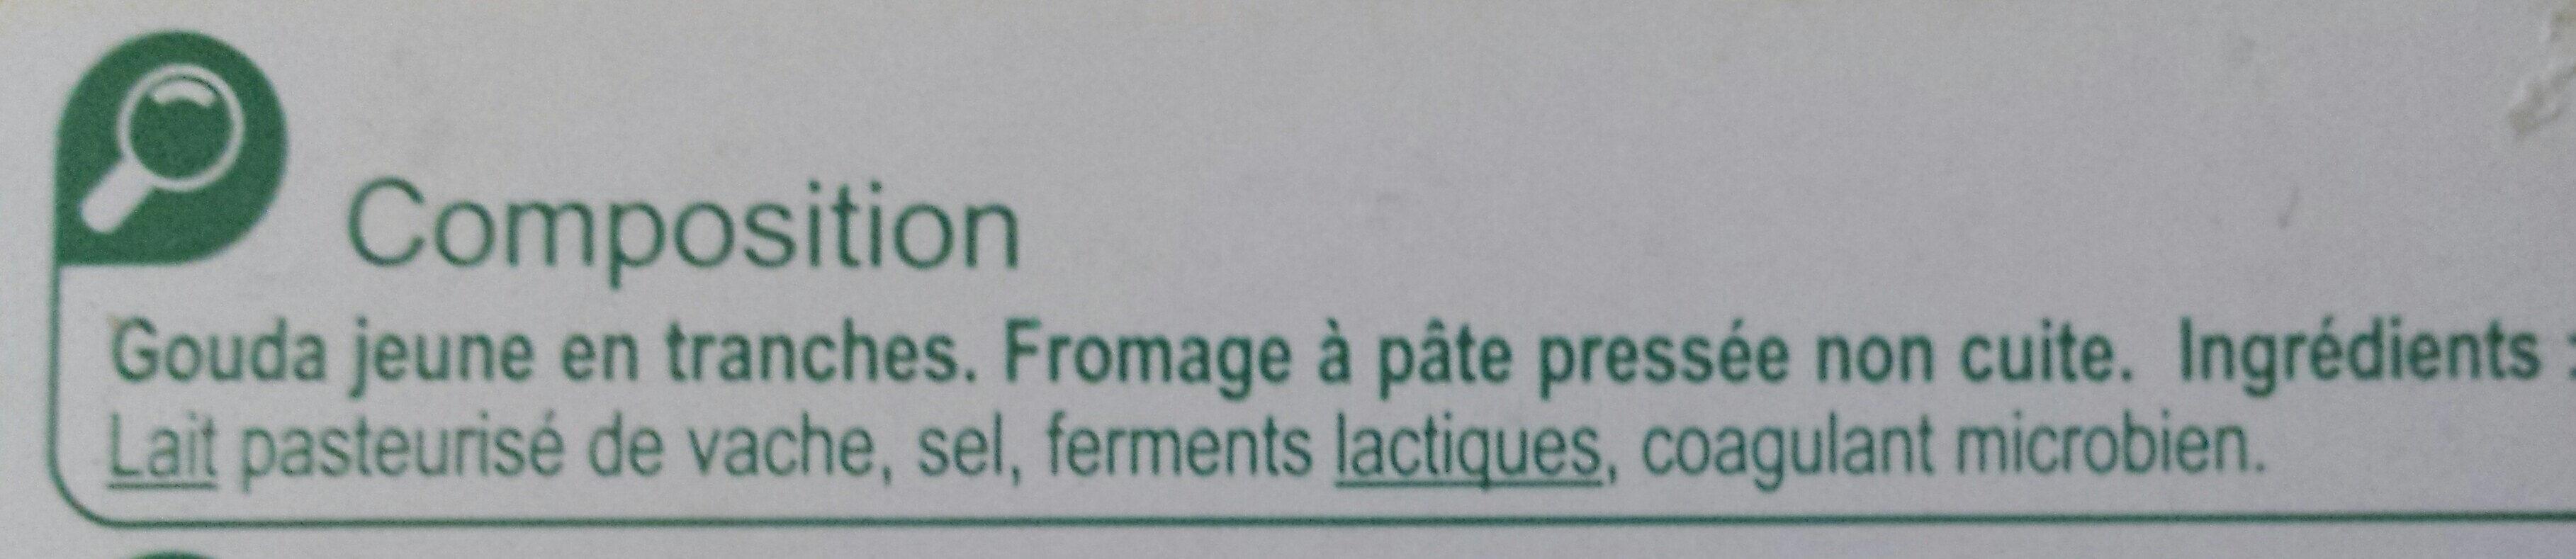 Gouda jeune (30 % MG) en tranches - Ingrediënten